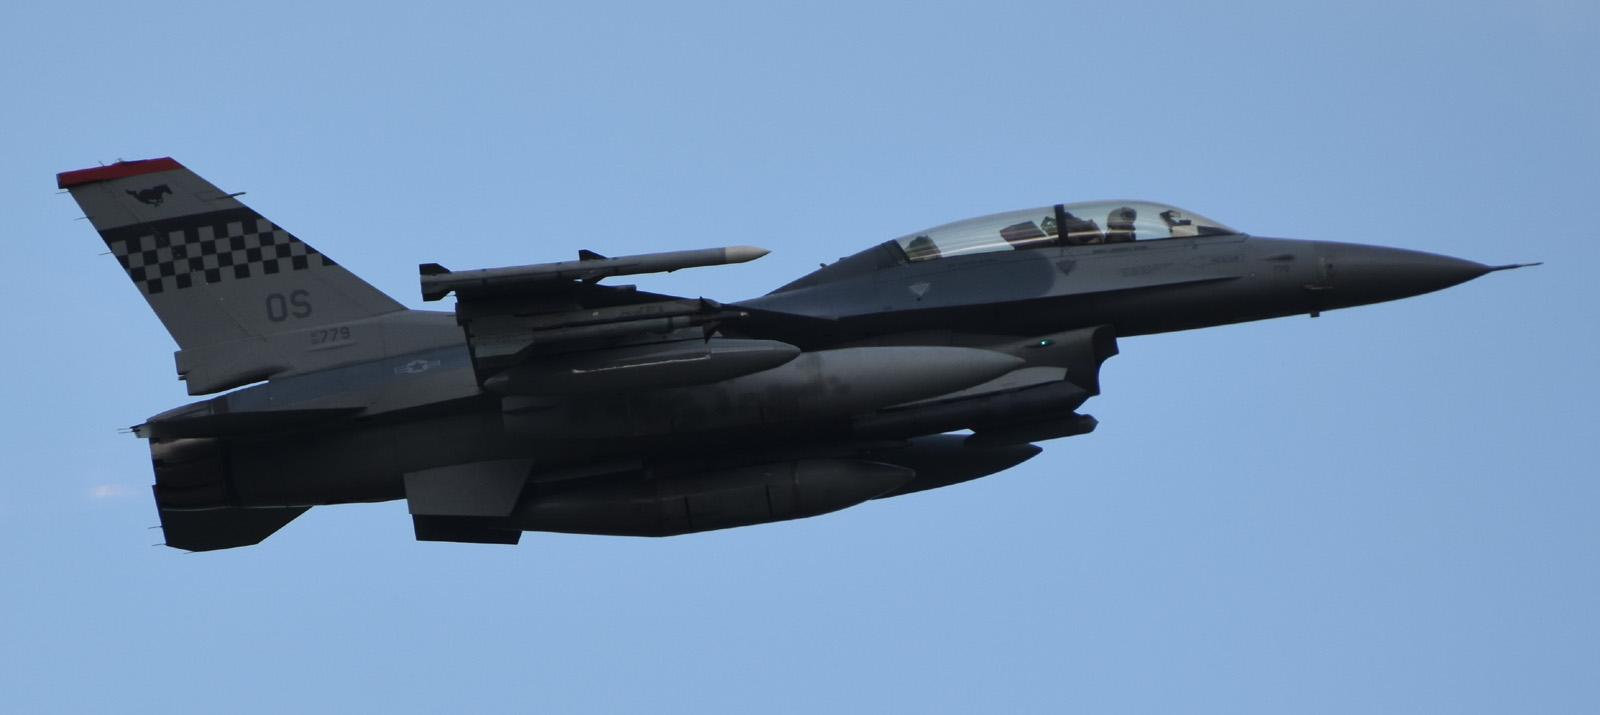 F16dm170604g247